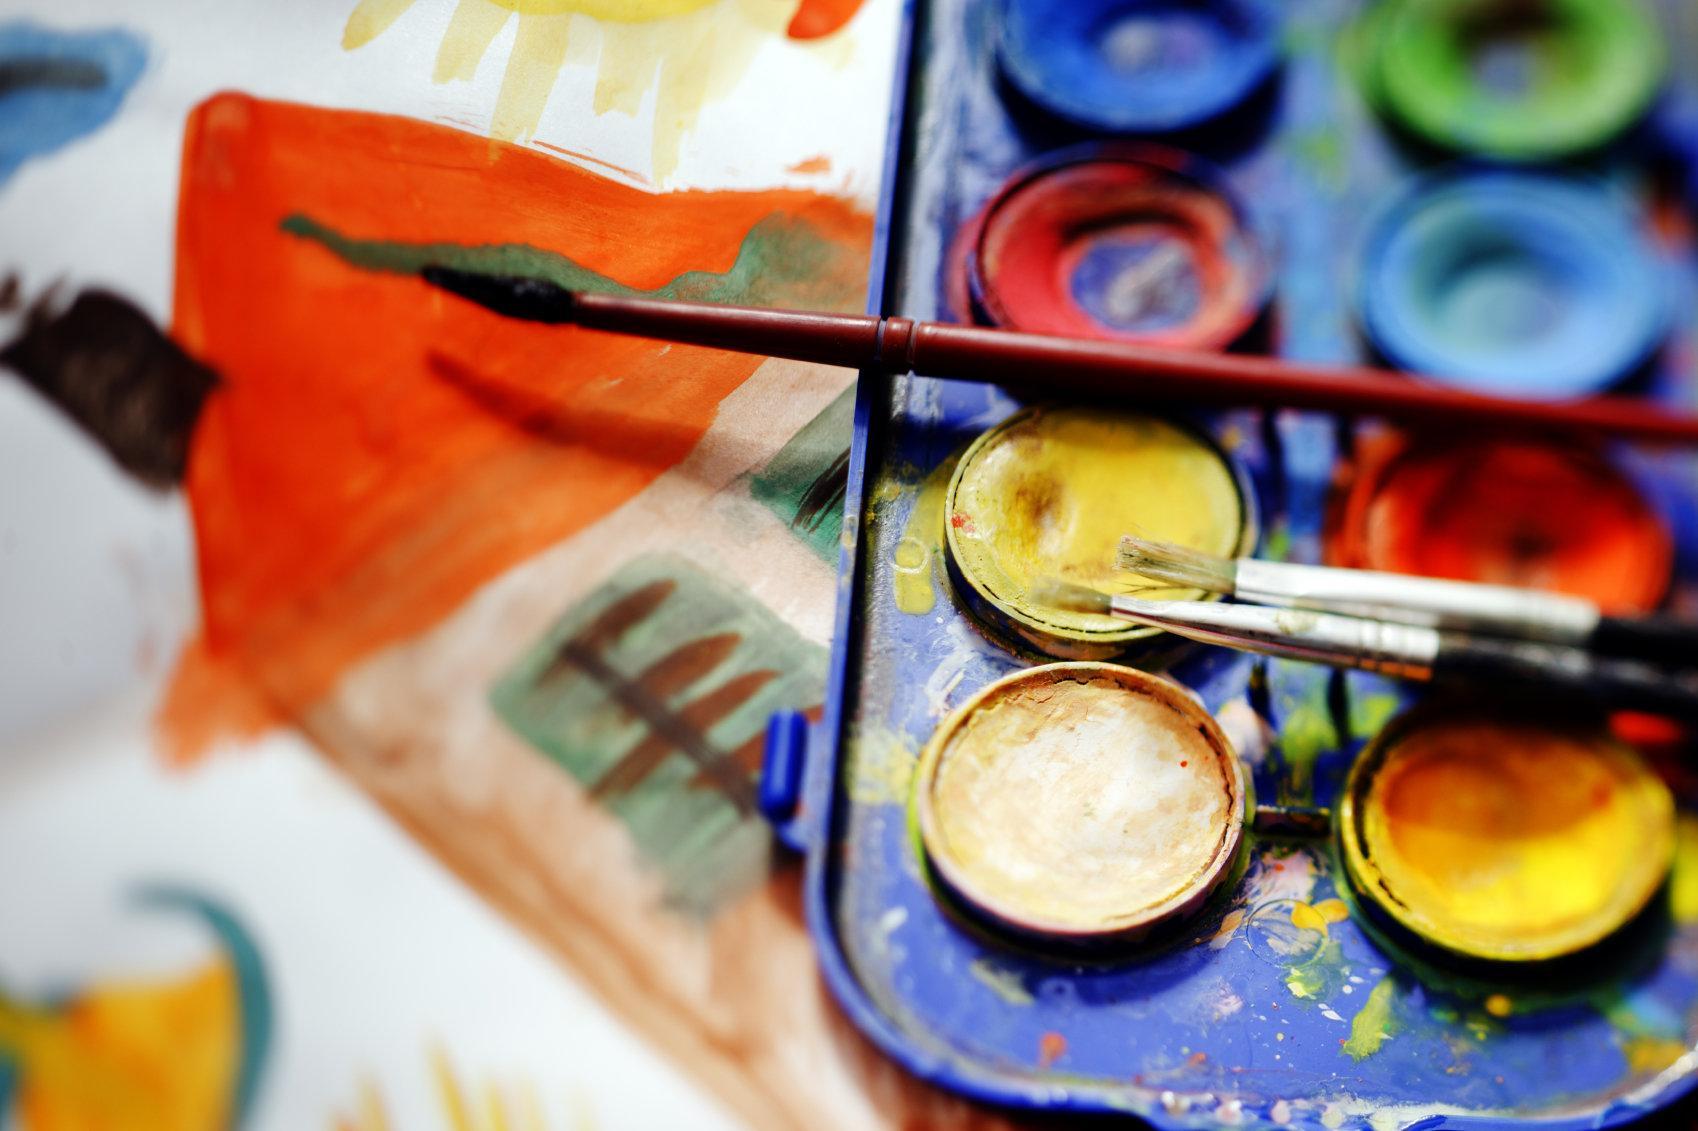 rsz_paint-6-2